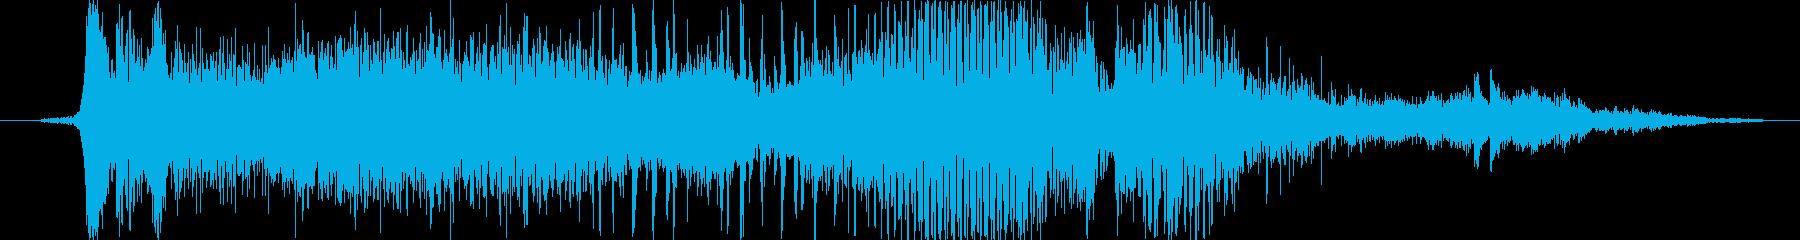 フィクション 電力装置 巻き上げ02の再生済みの波形